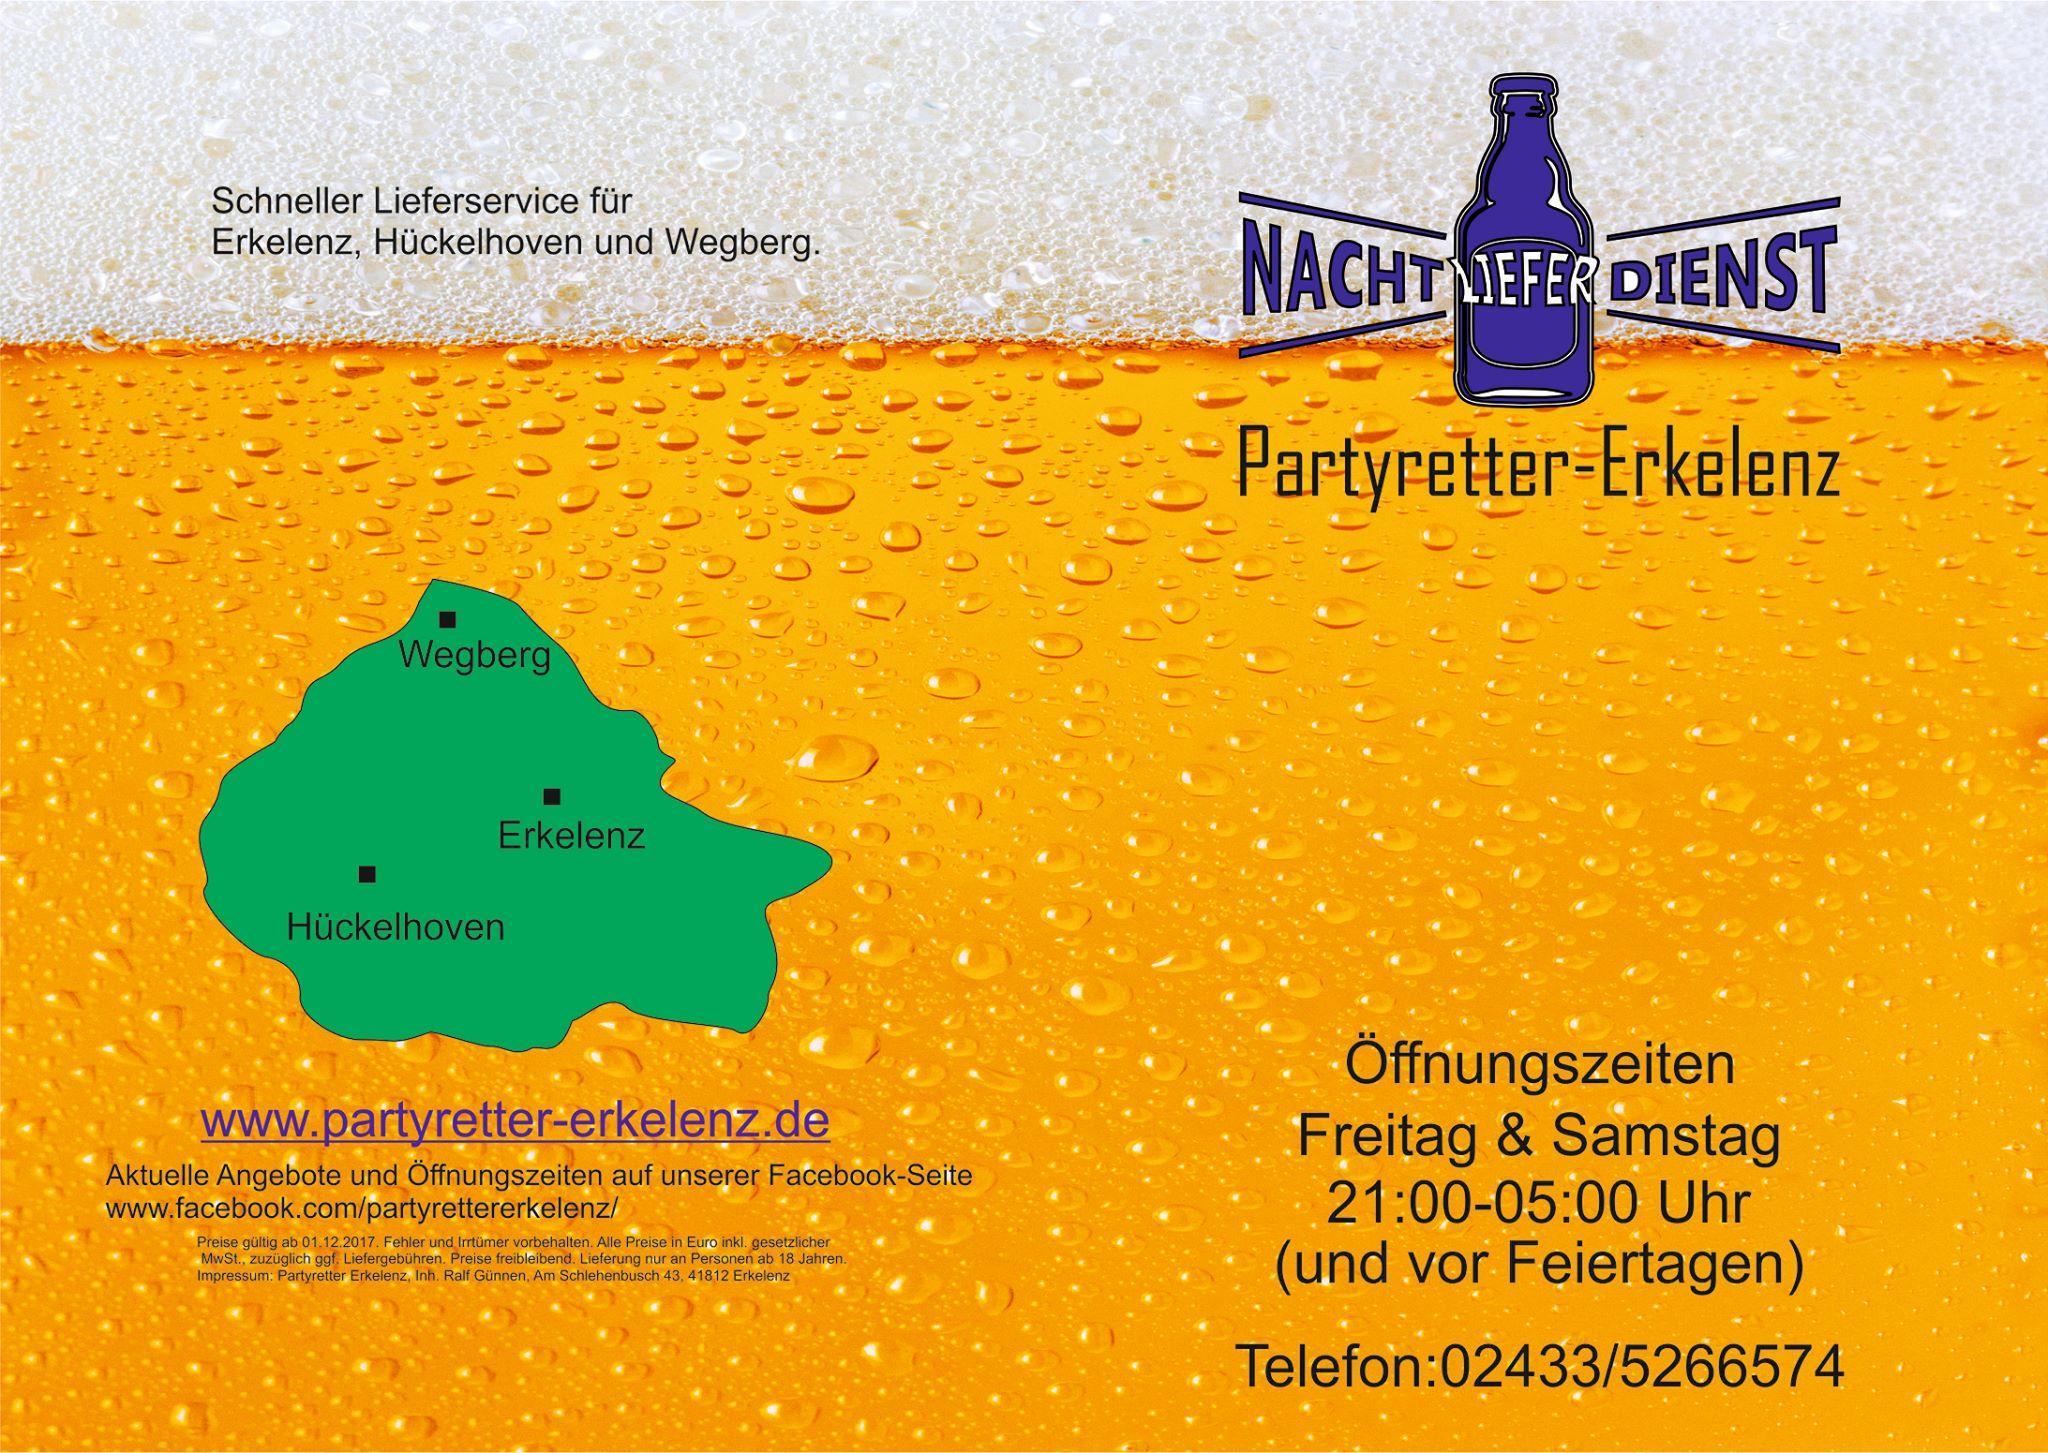 Partyretter-Erkelenz